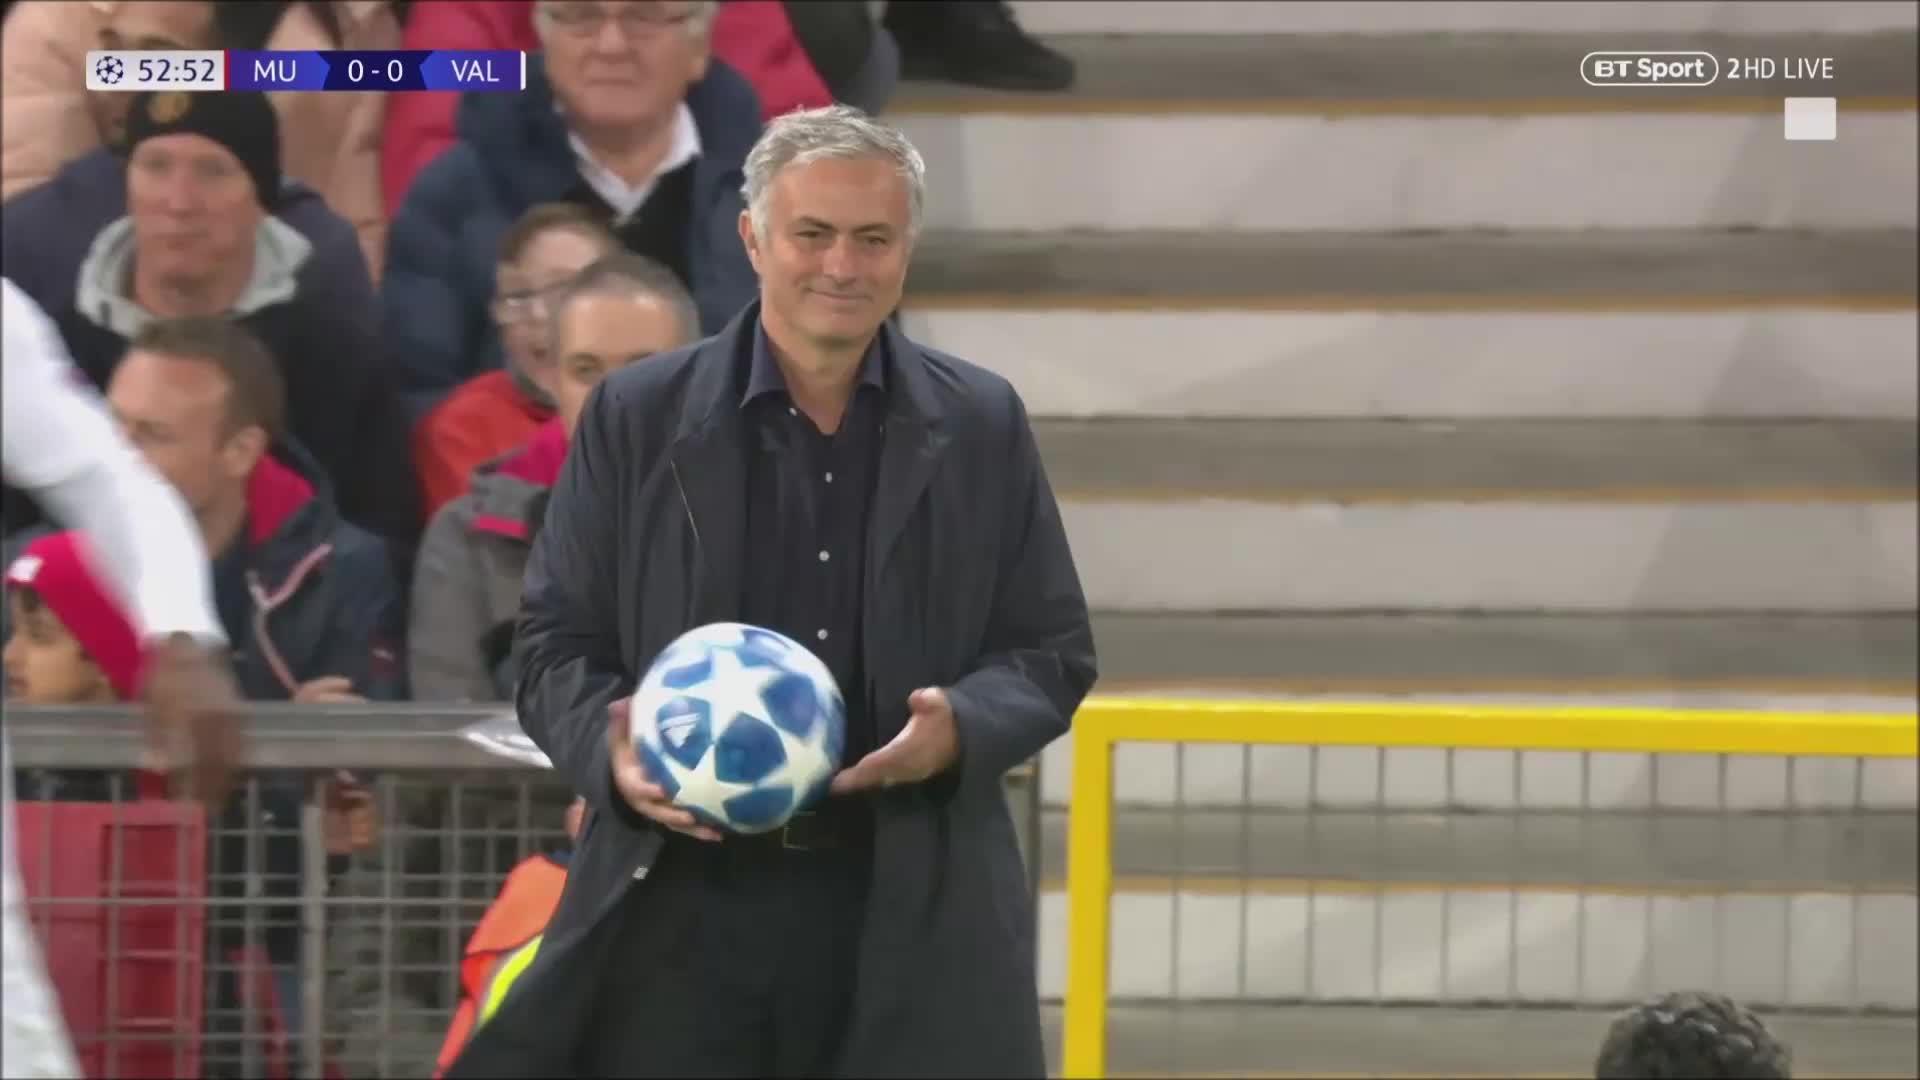 celebs, josé mourinho, mou shrug GIFs